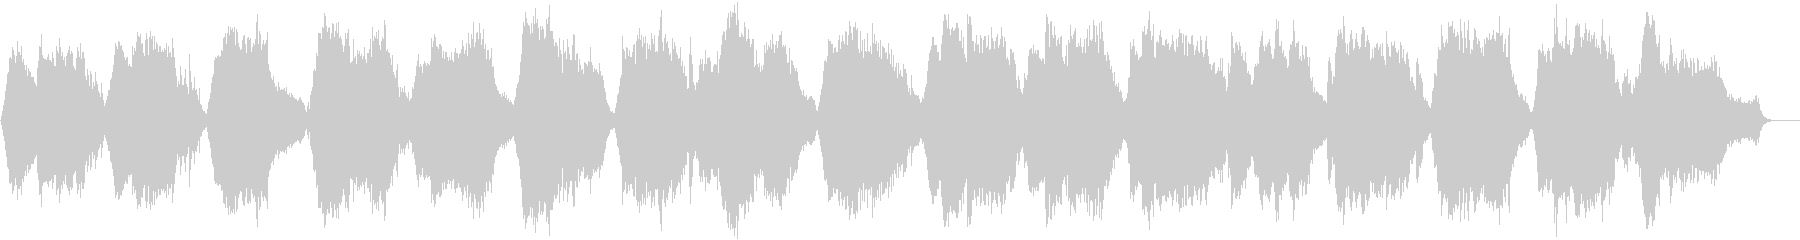 静かな目覚めの音楽の未再生の波形